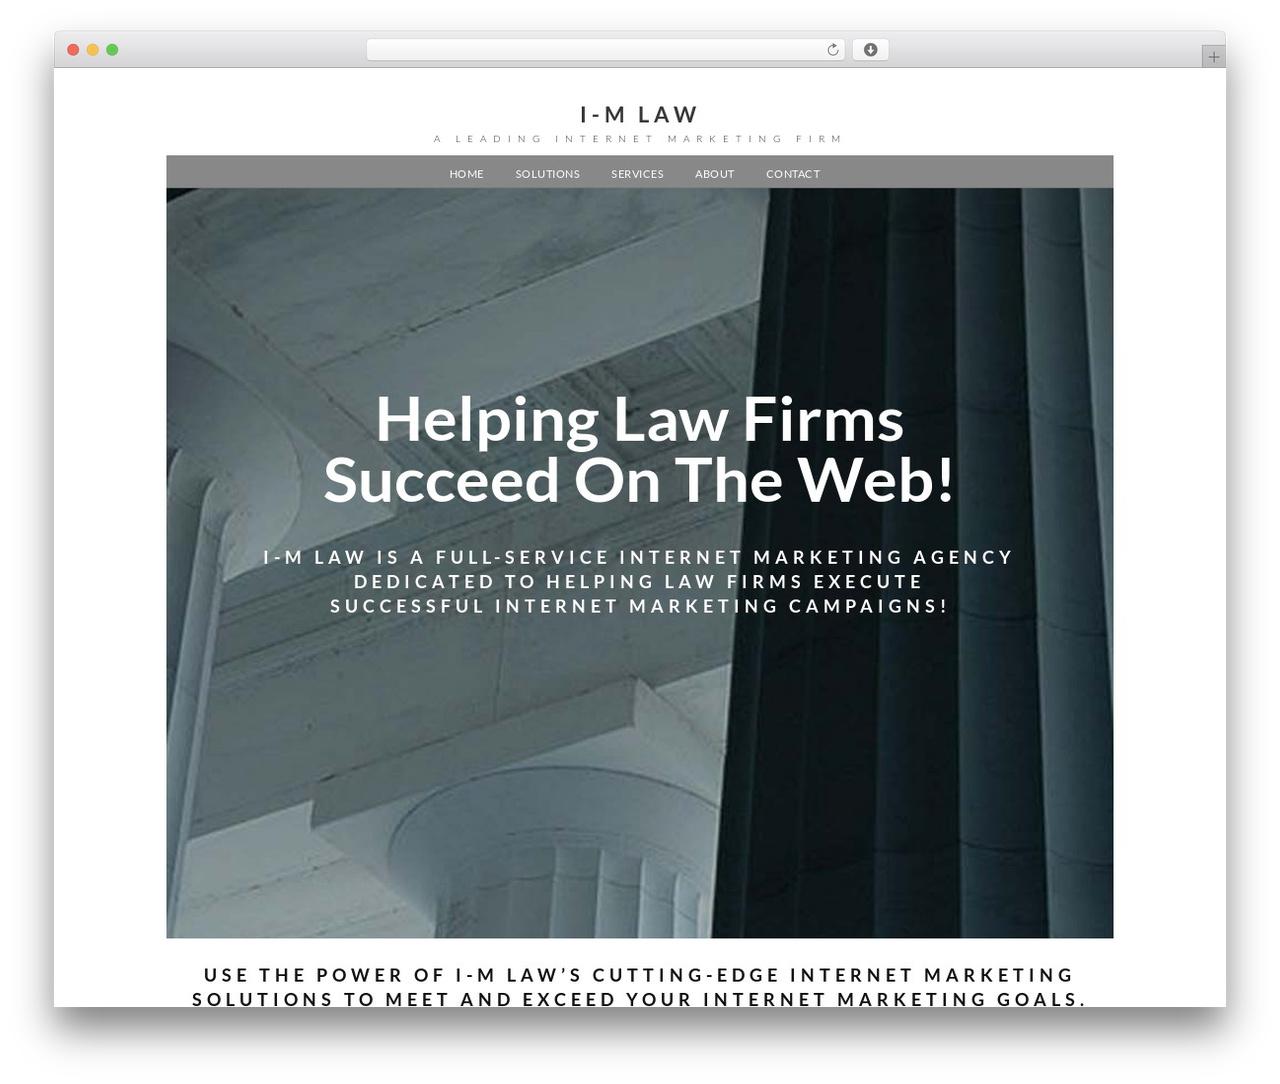 Xccelerator WordPress theme - i-mlaw.com